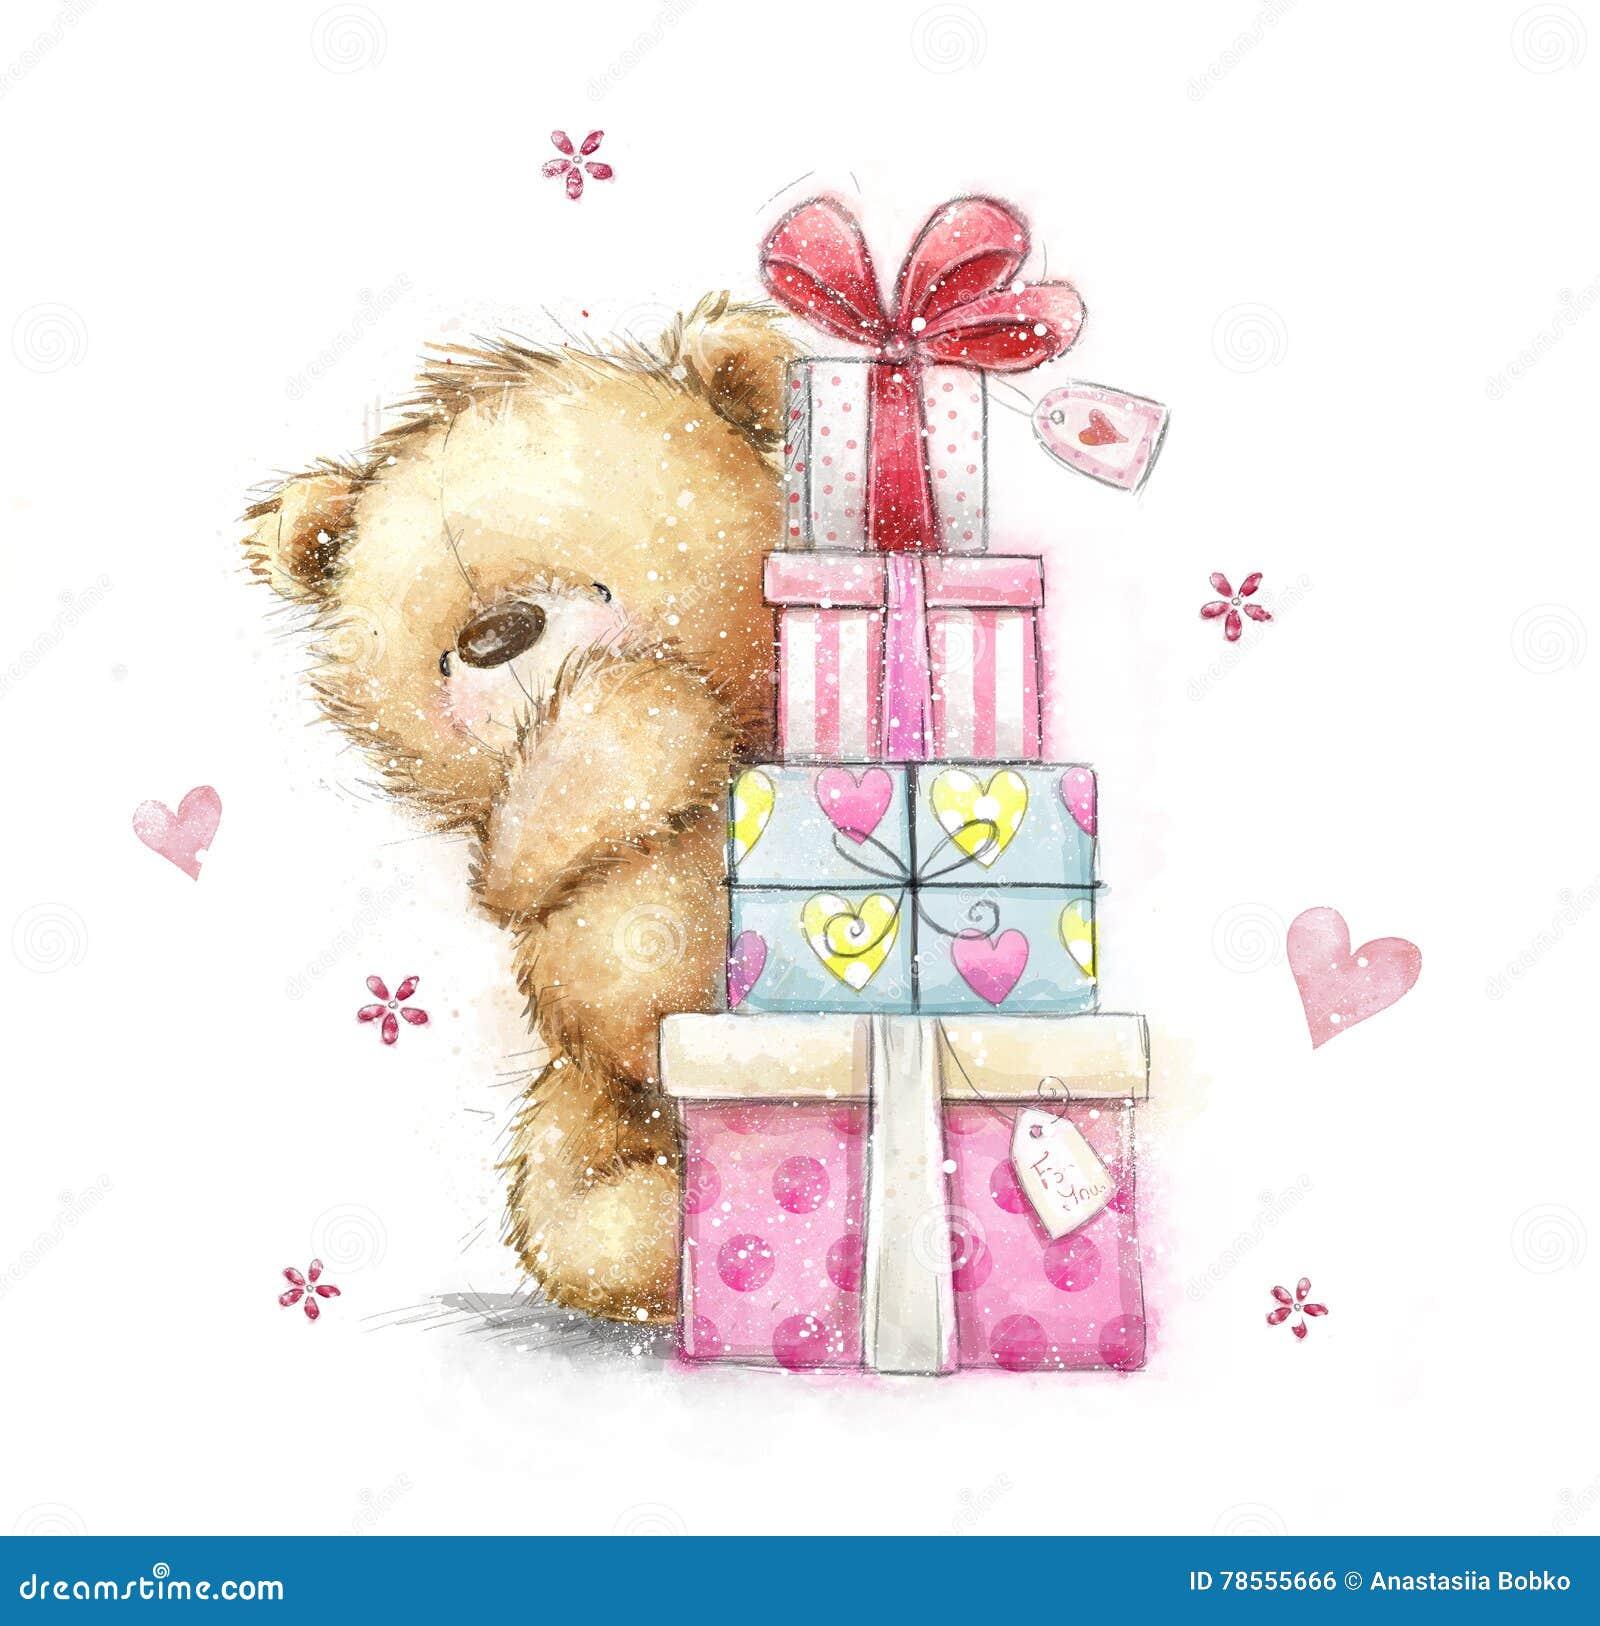 Картинки, картинки мишки рисованные с подарками